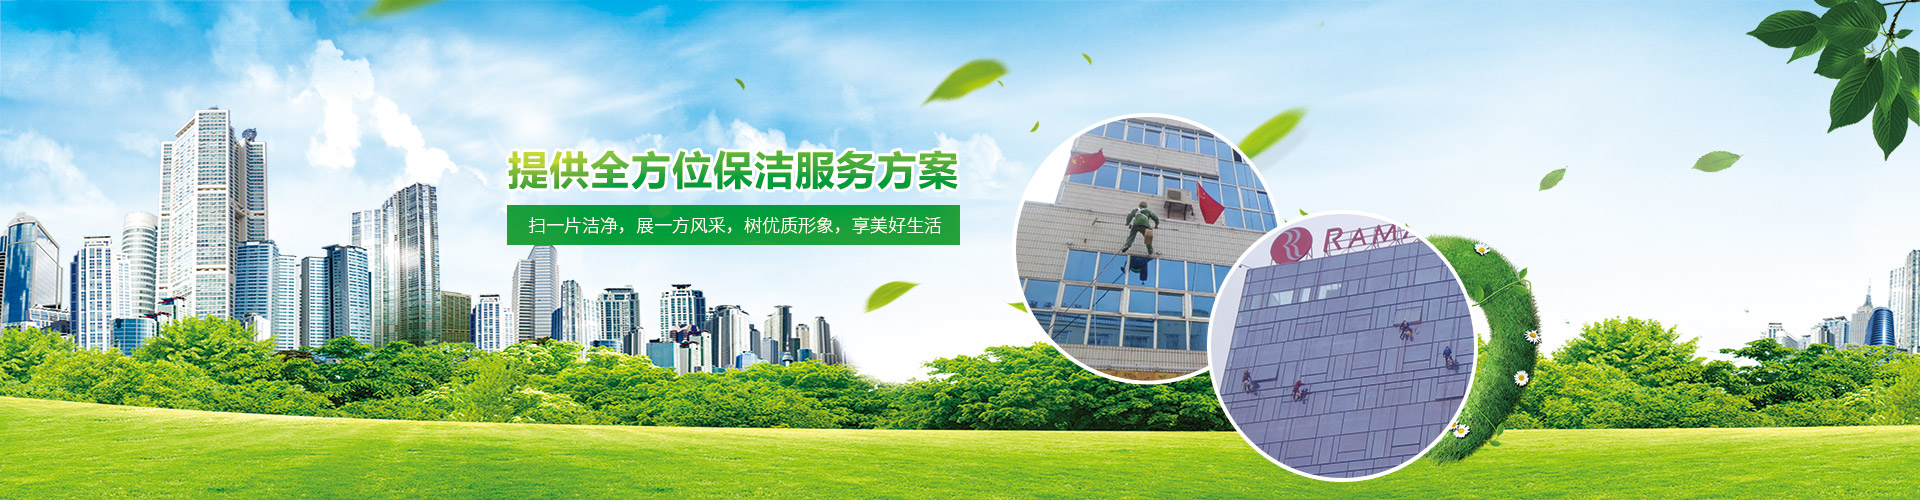 柳州单位保洁,柳州外墙清洗,柳州保洁公司